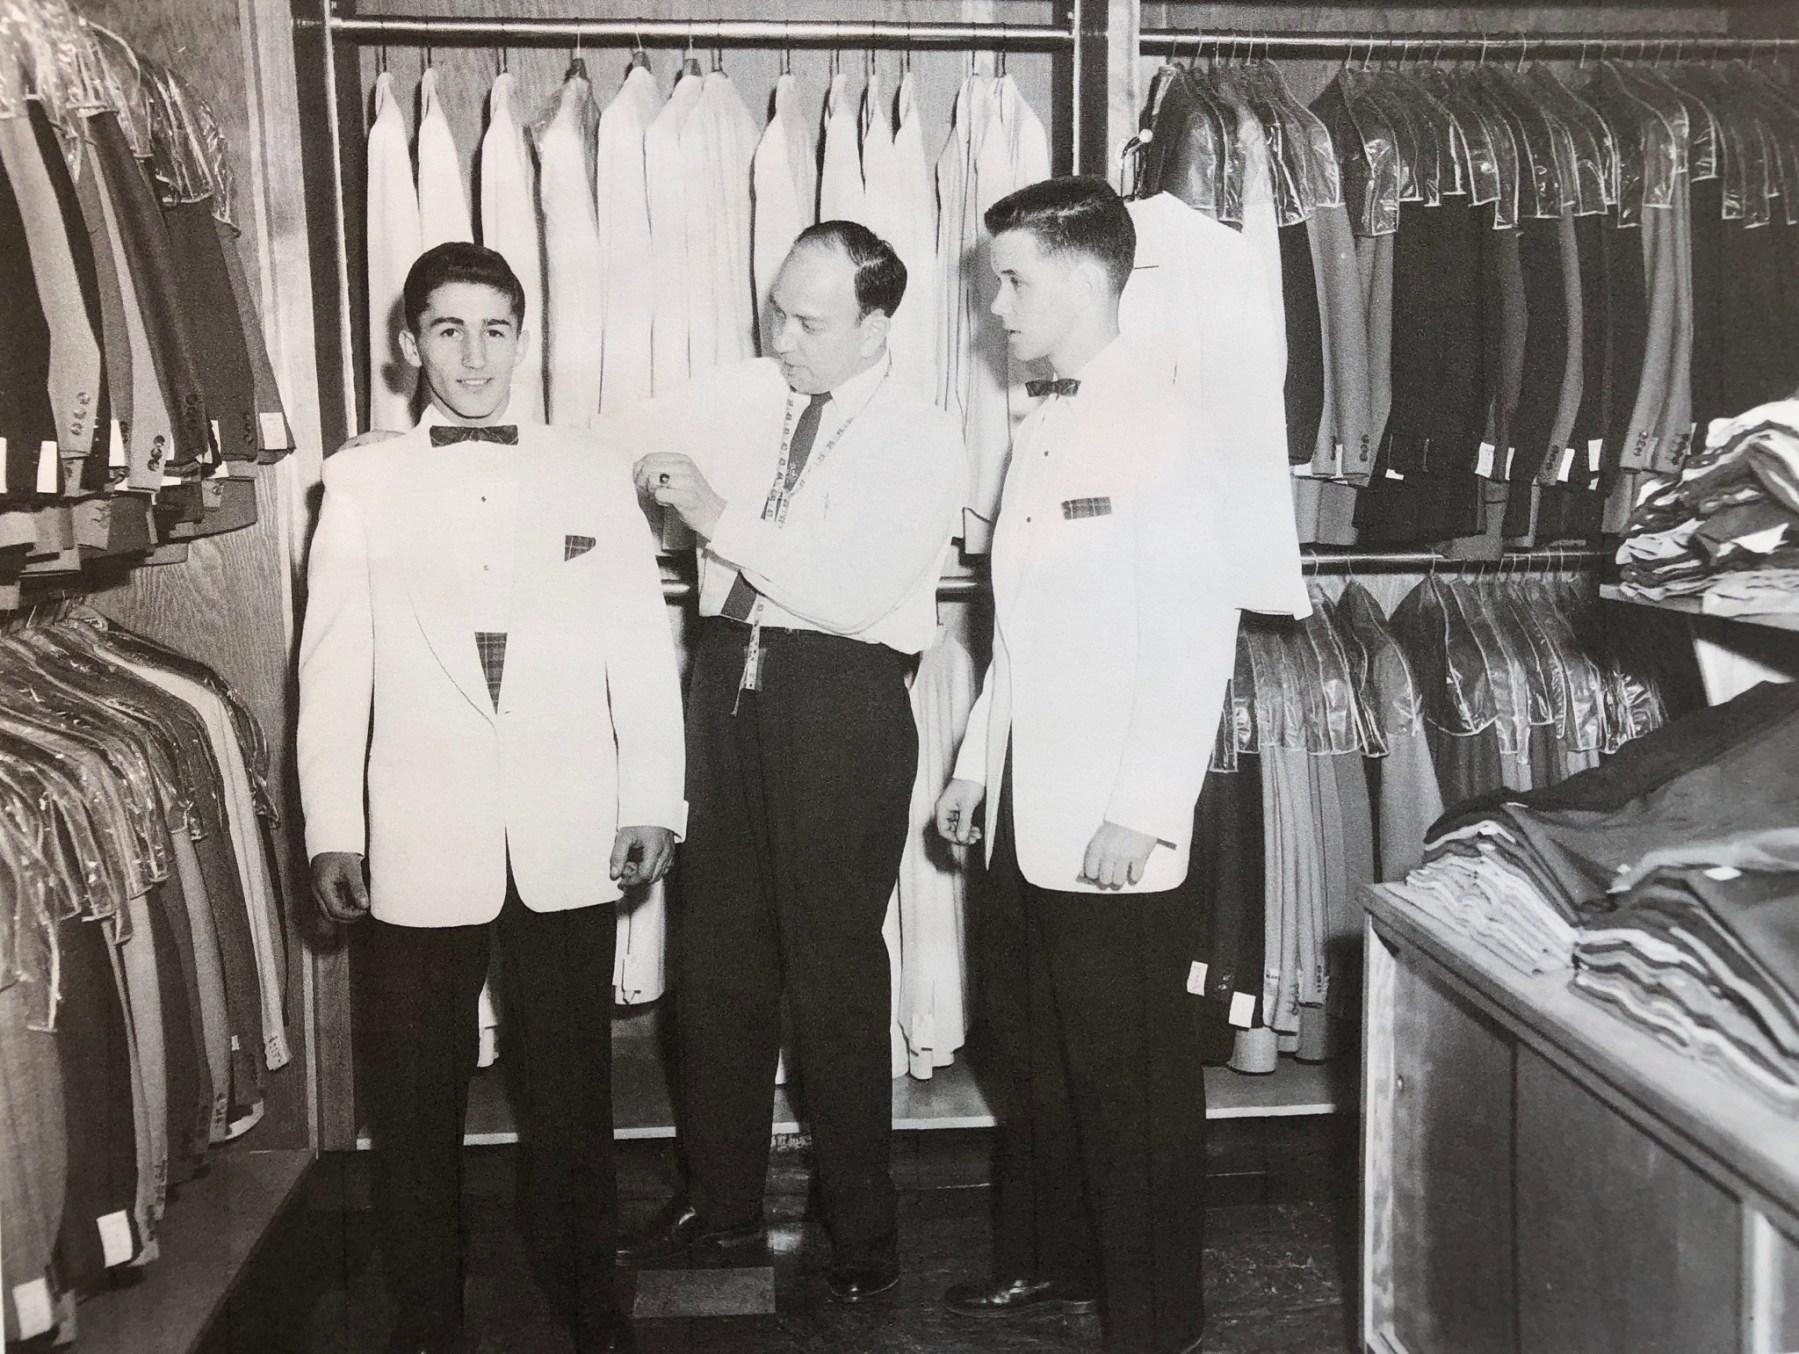 Silverman's Men's Shop, Woburn MA